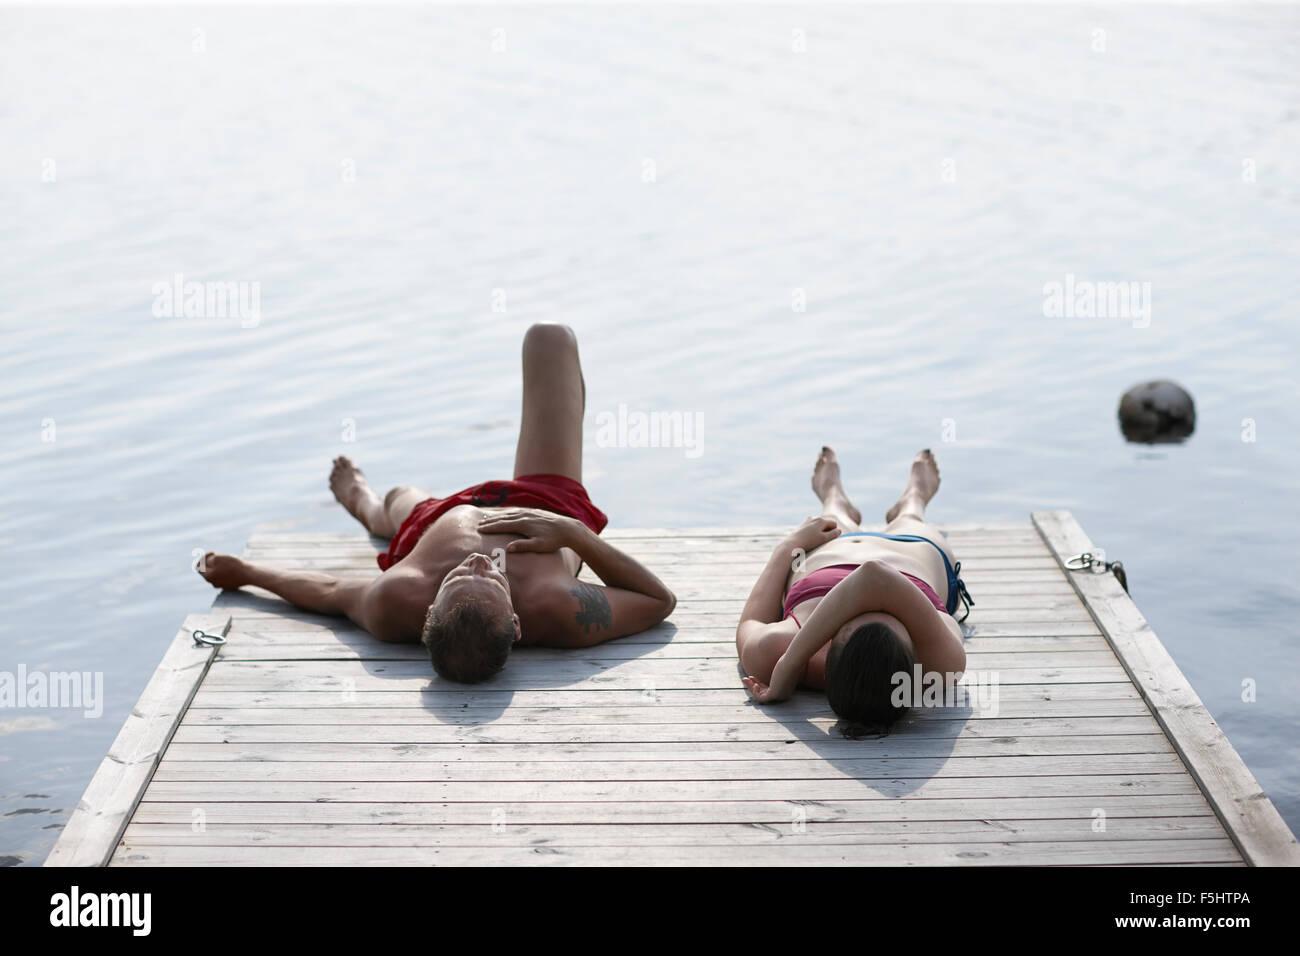 Suecia, Dalarna Siljan, hombre y mujer acostada sobre jetty Foto de stock